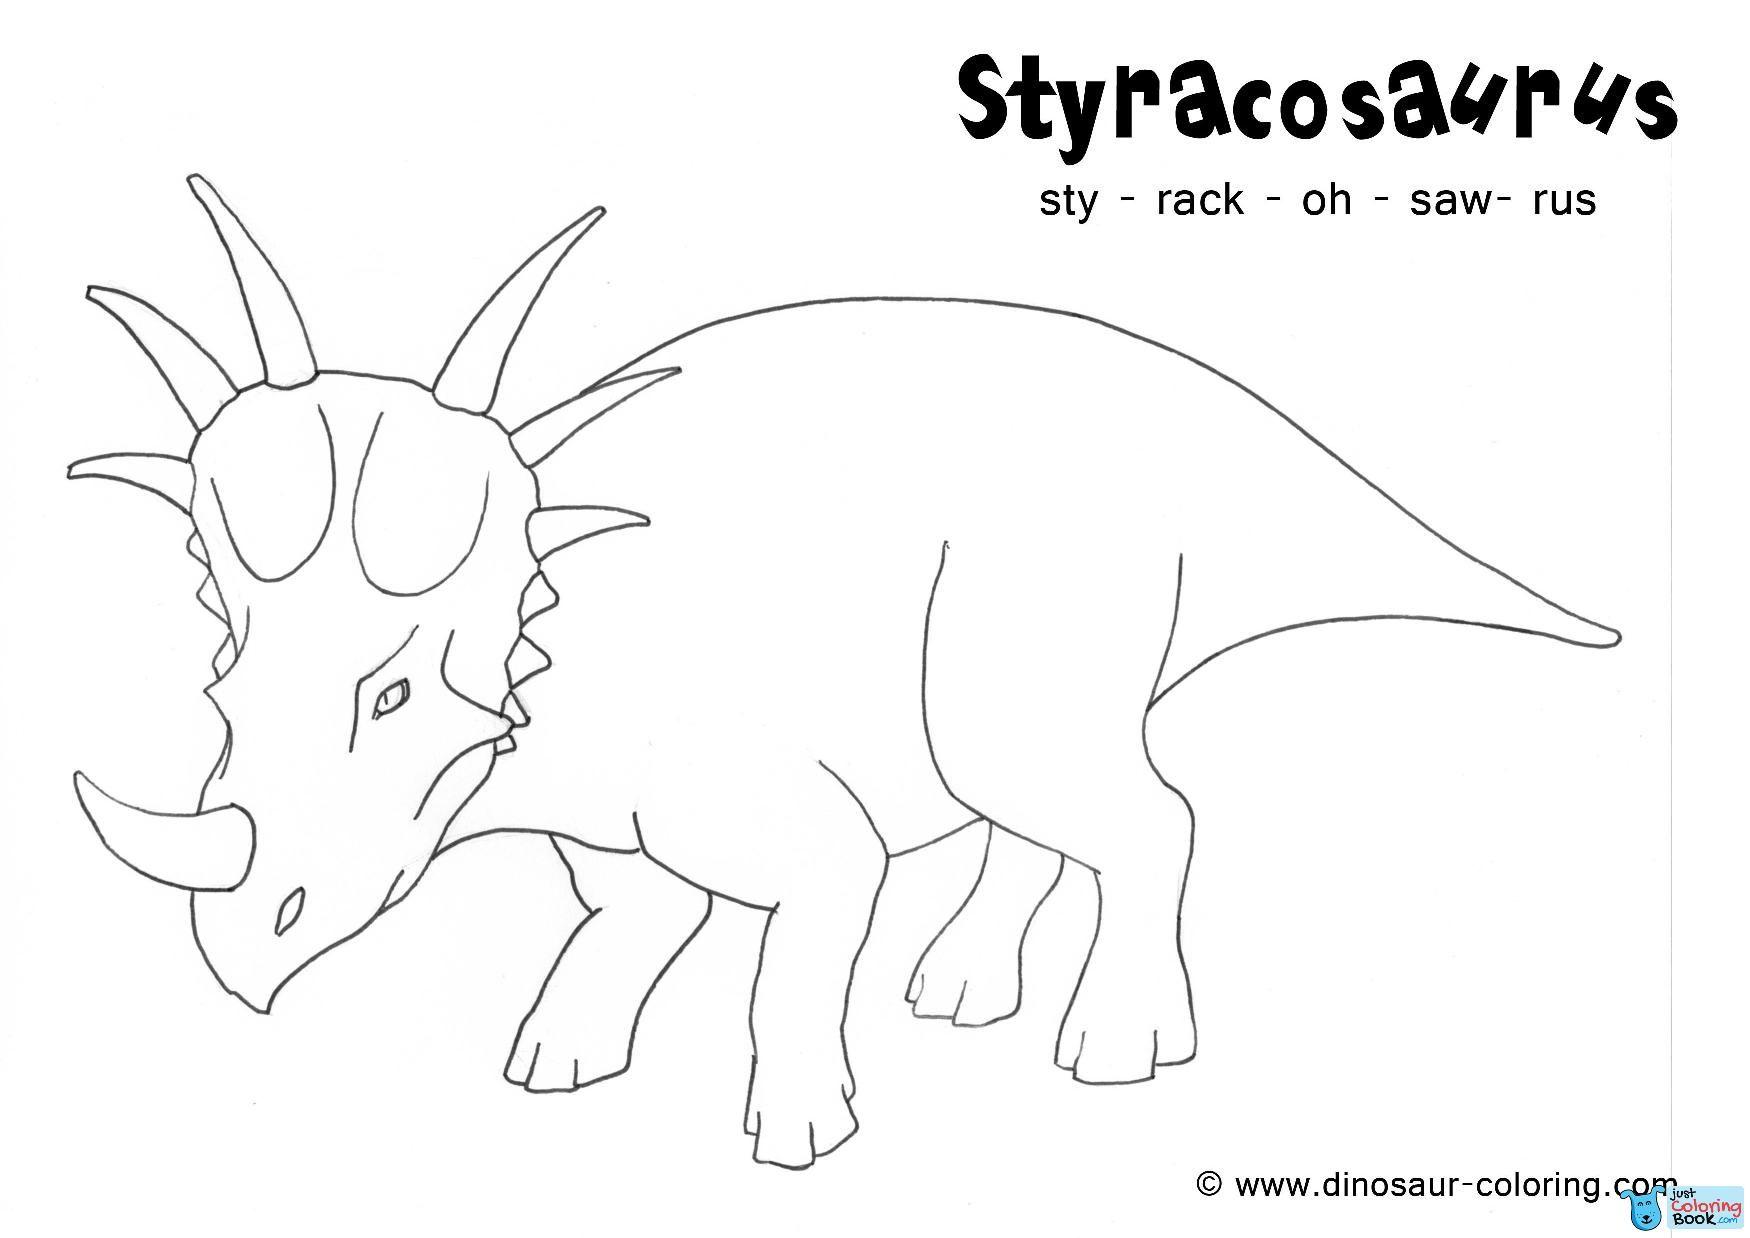 Styracosaurus Coloring Inside Styracosaurus Cretaceous Period